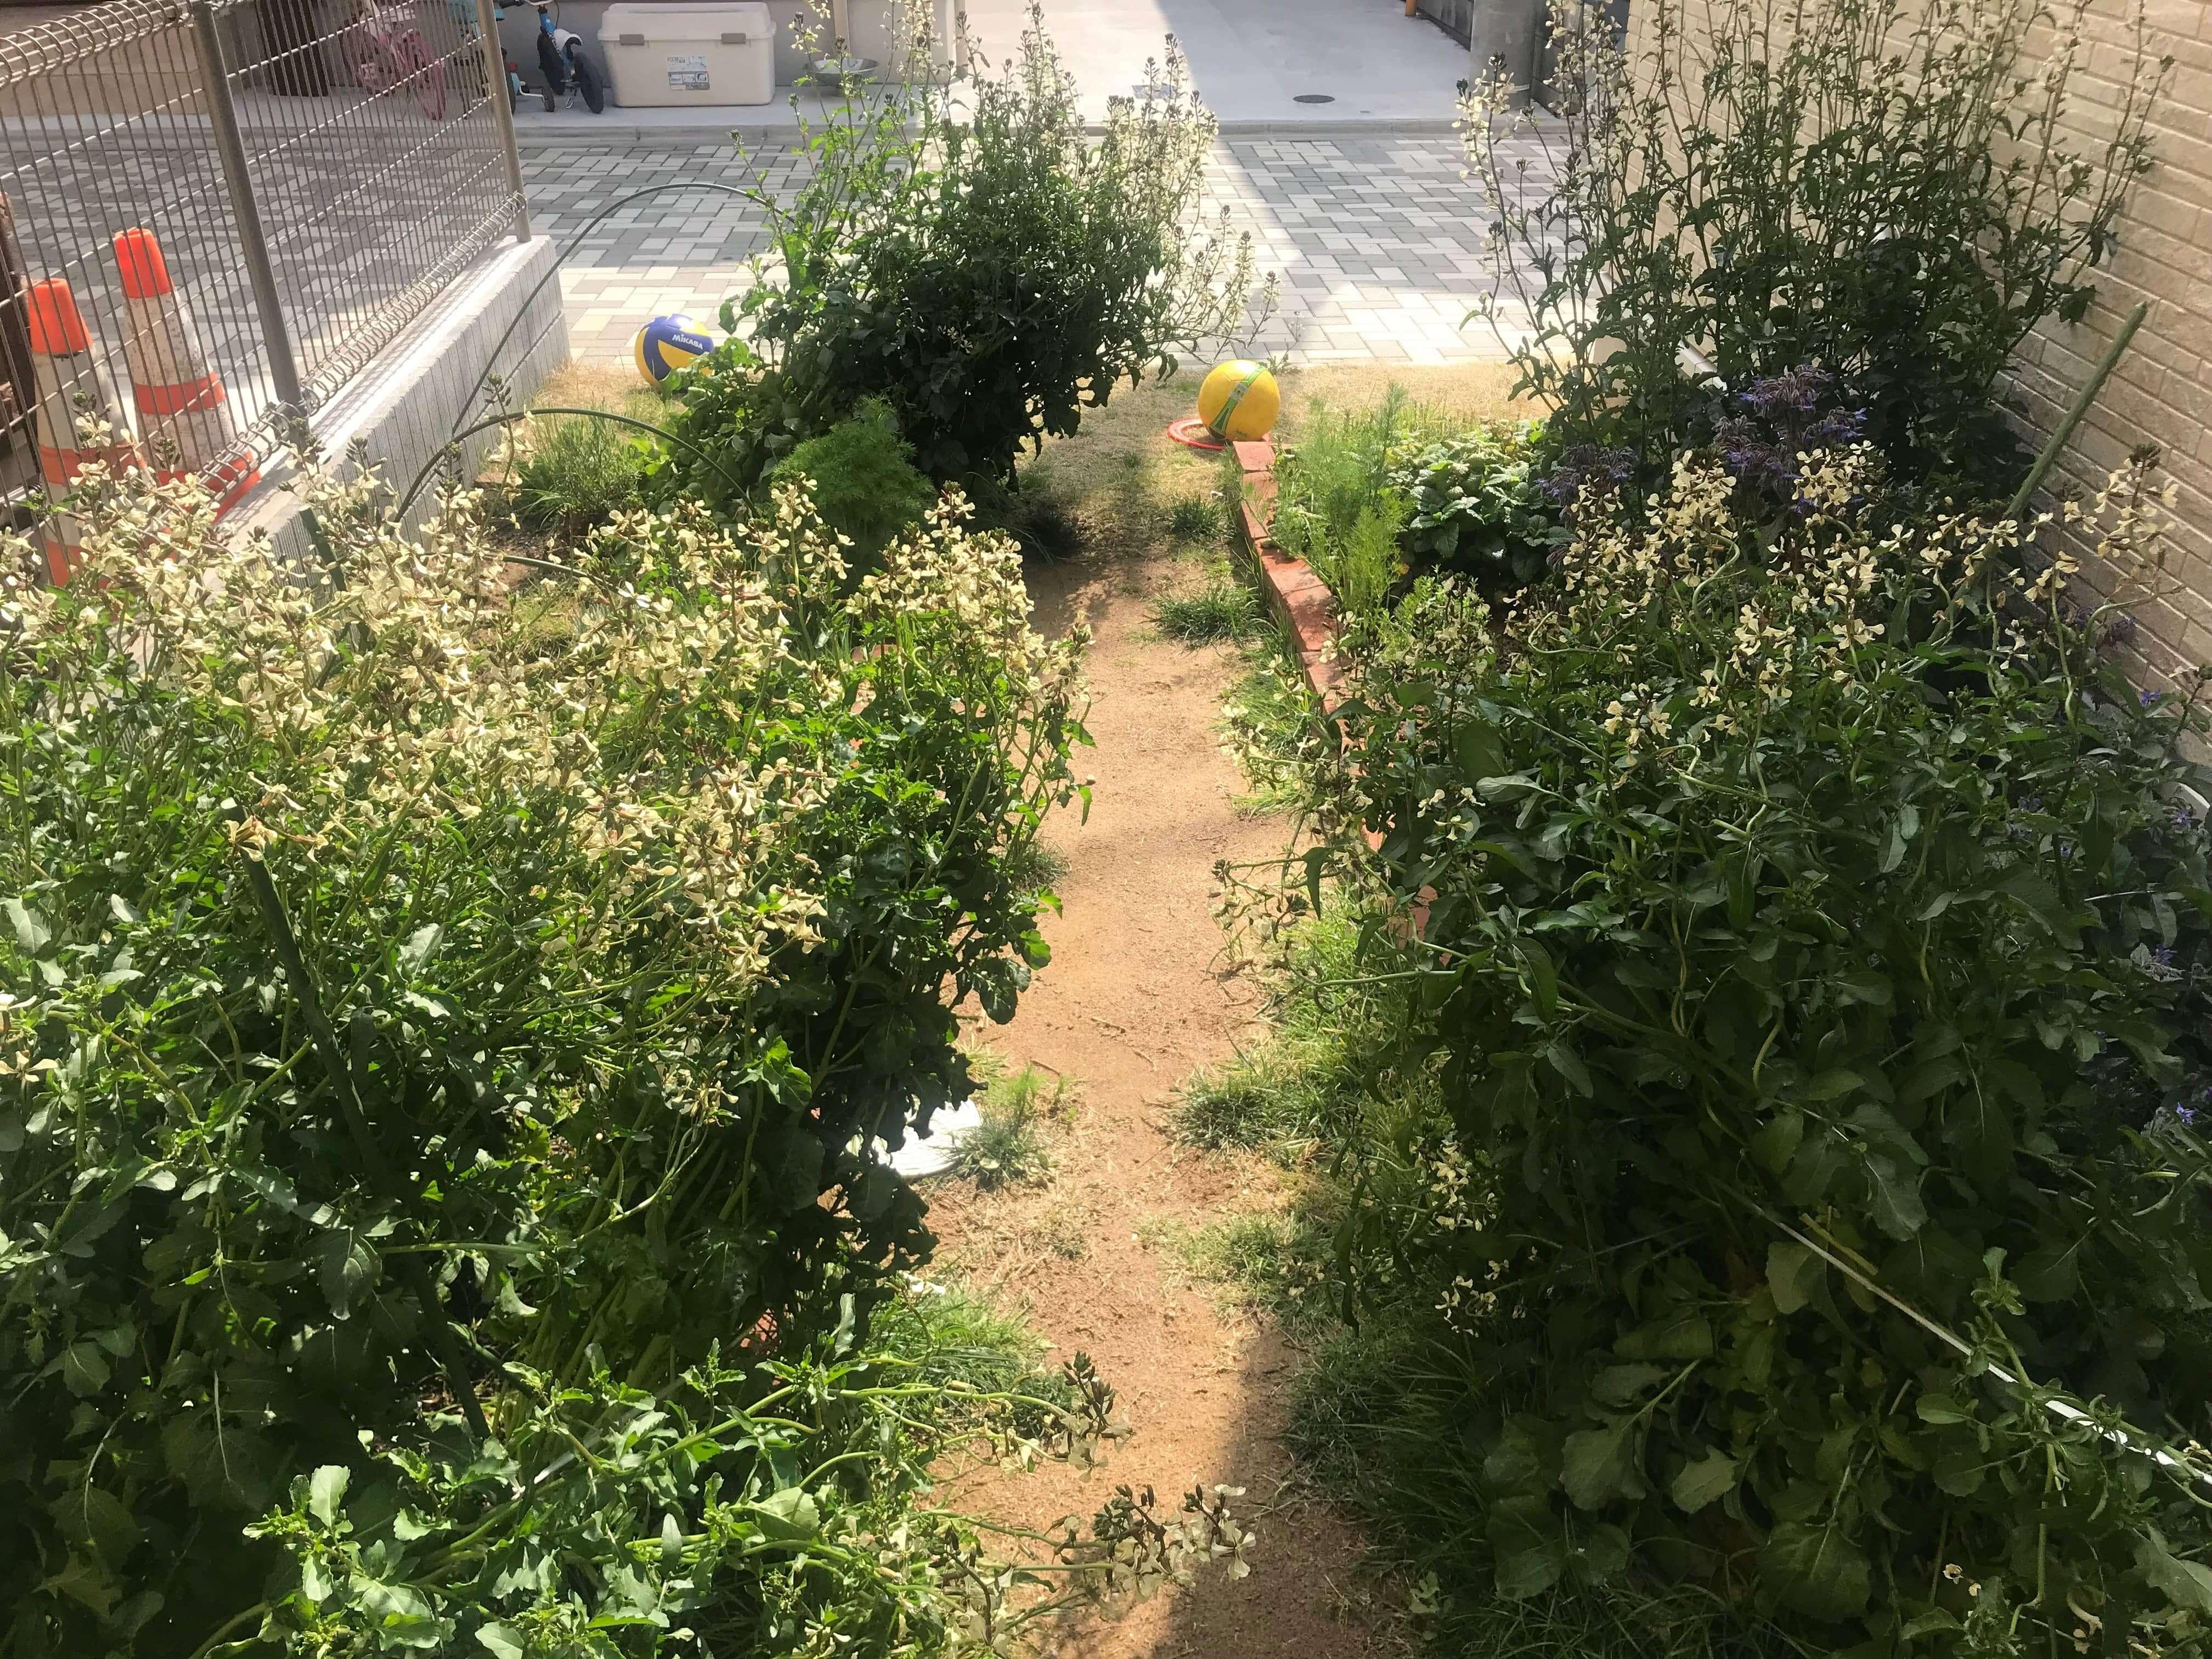 ハーブが植えられた花壇